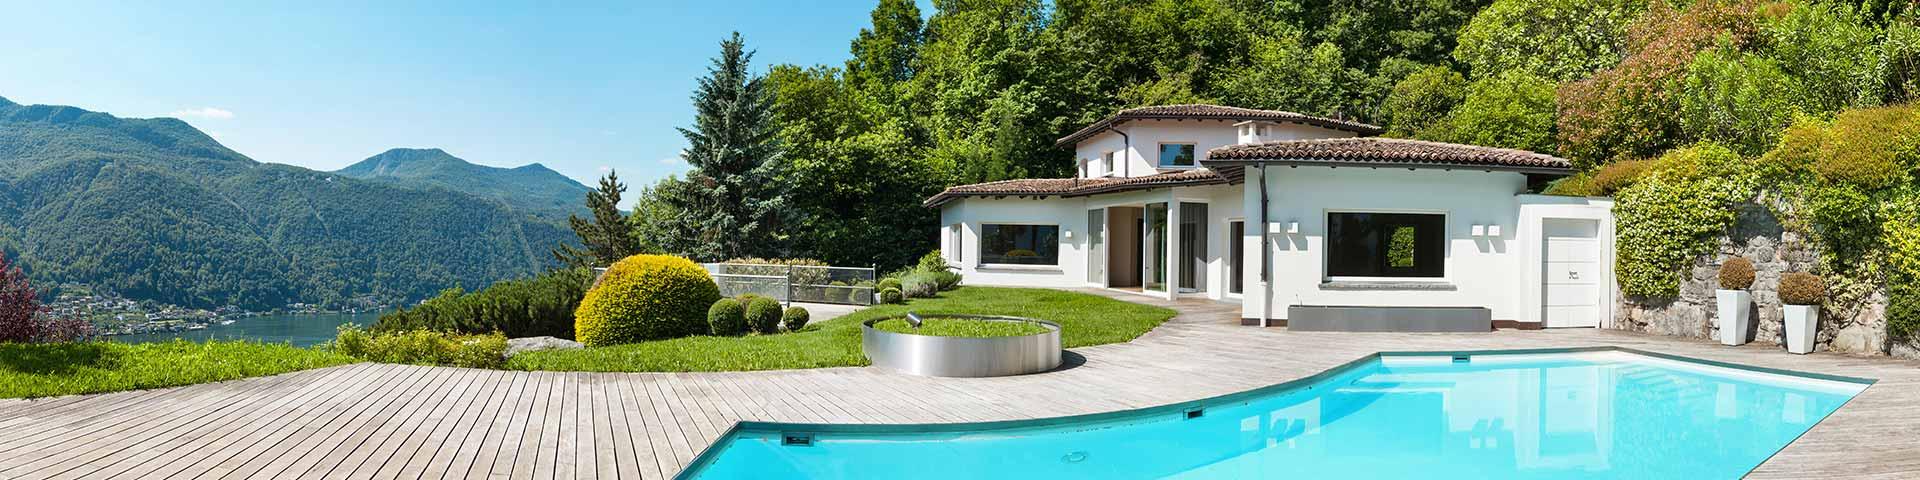 Réservez Votre Villa Ou Maison Pour Vos Vacances dedans Location Maison Piscine Privée Dernière Minute